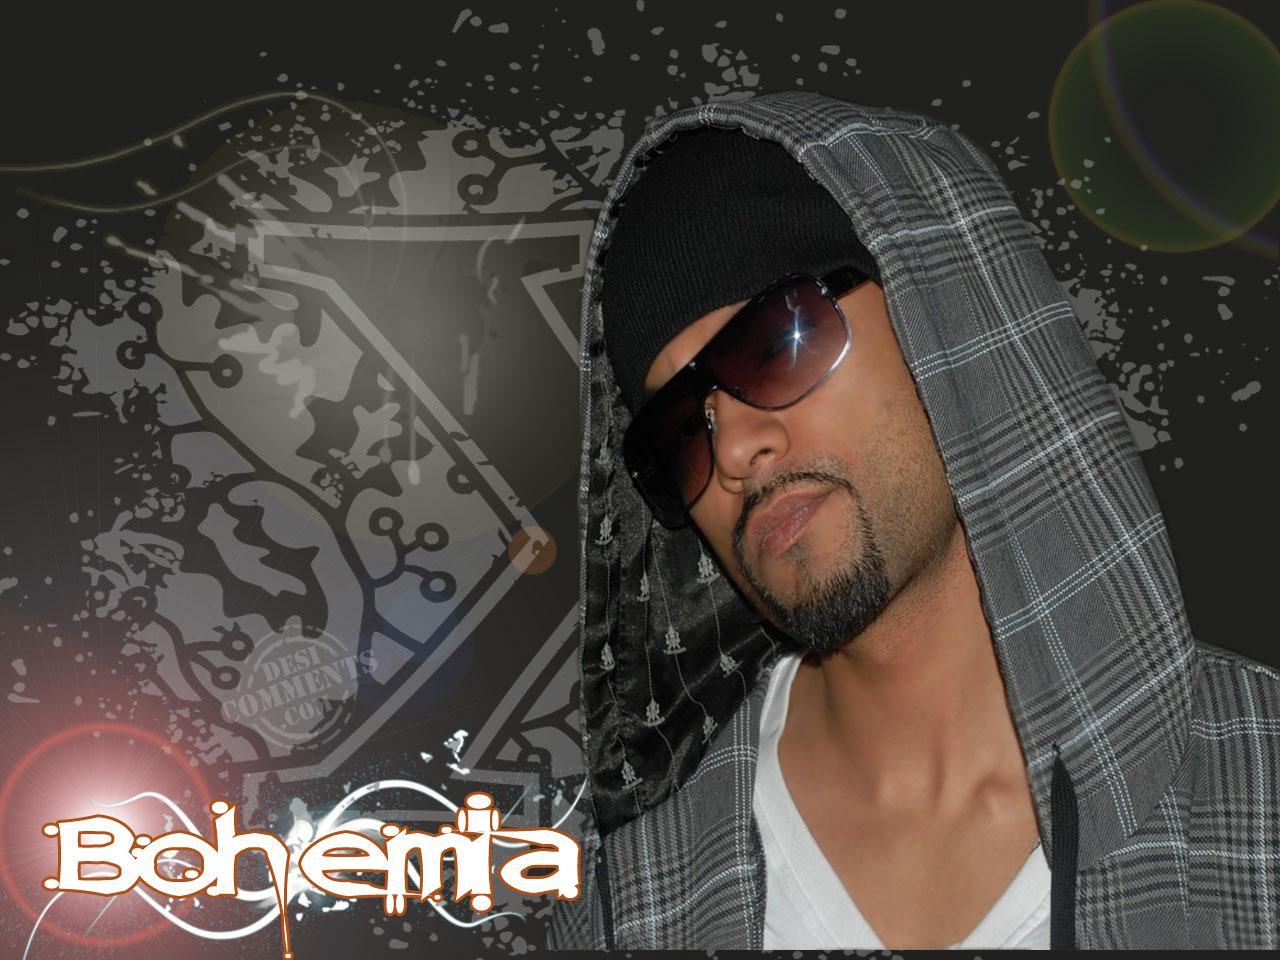 http://2.bp.blogspot.com/-CgSon-xCpcs/TaxELT3nhYI/AAAAAAAAABI/JfI60Czgcnk/s1600/Bohemia-5.jpg